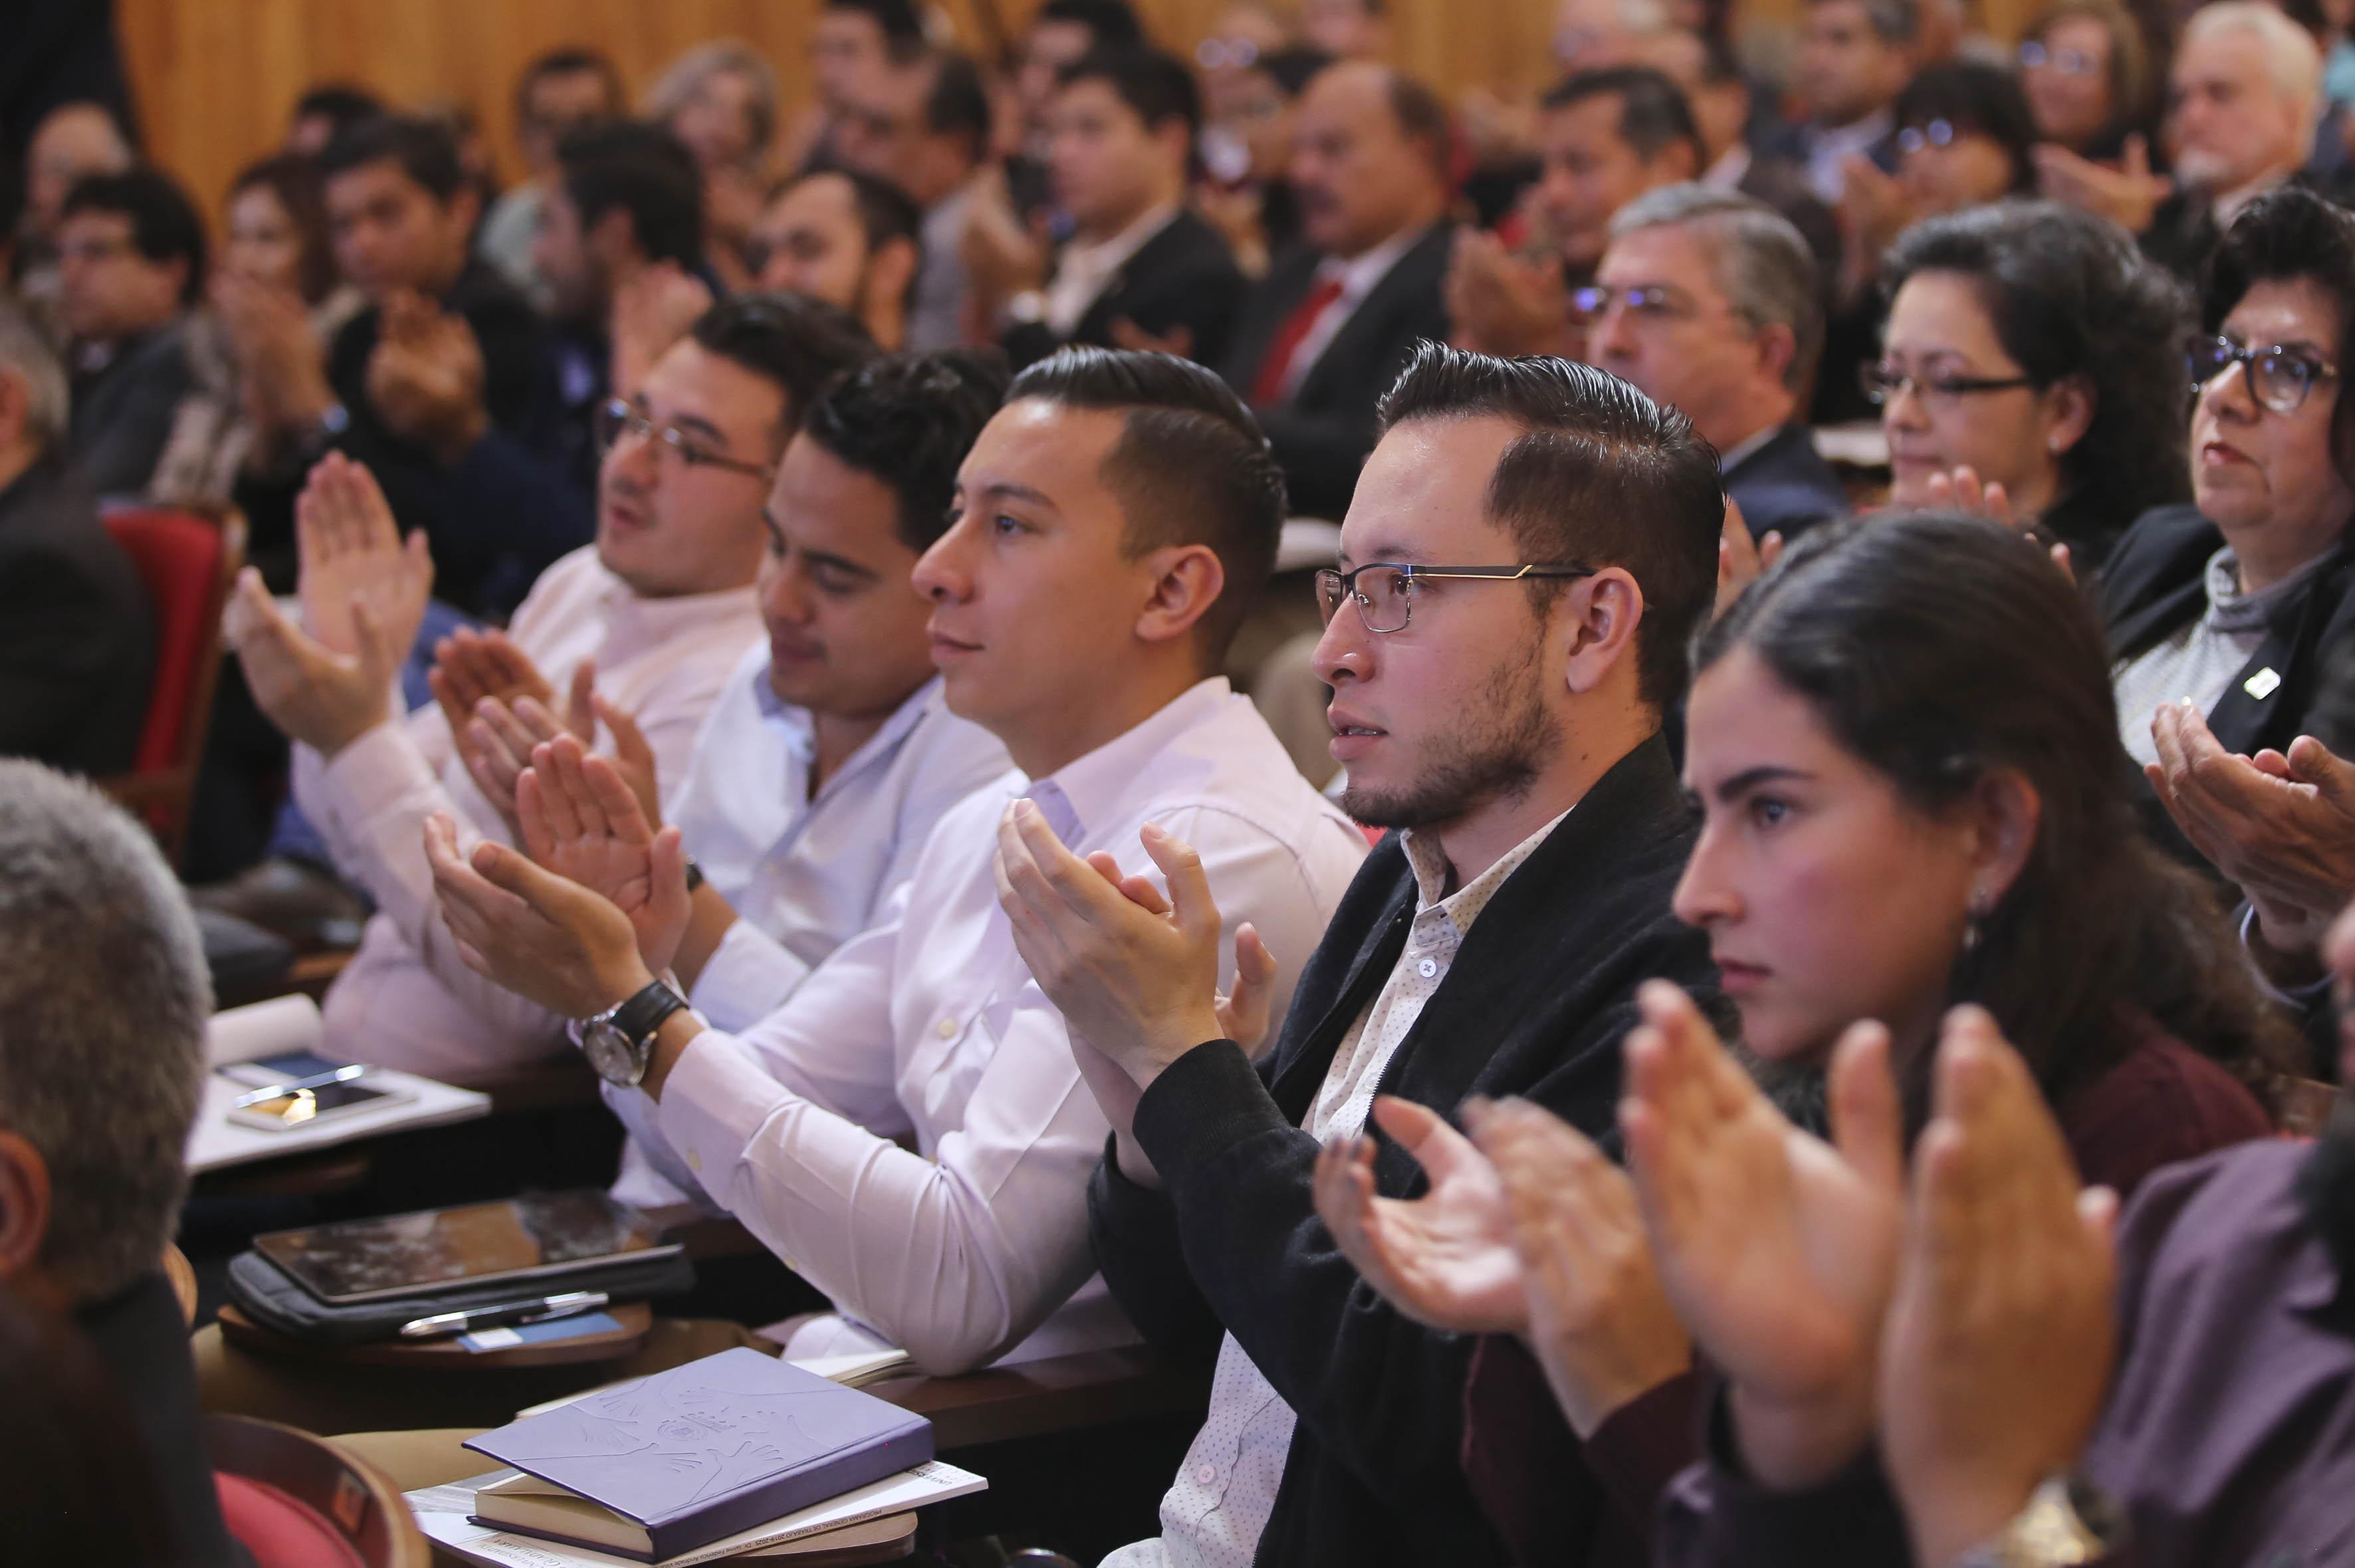 Consejeros aplaudiendo al término de la presentación del plan de trabajo del Dr. Jaime Andrade